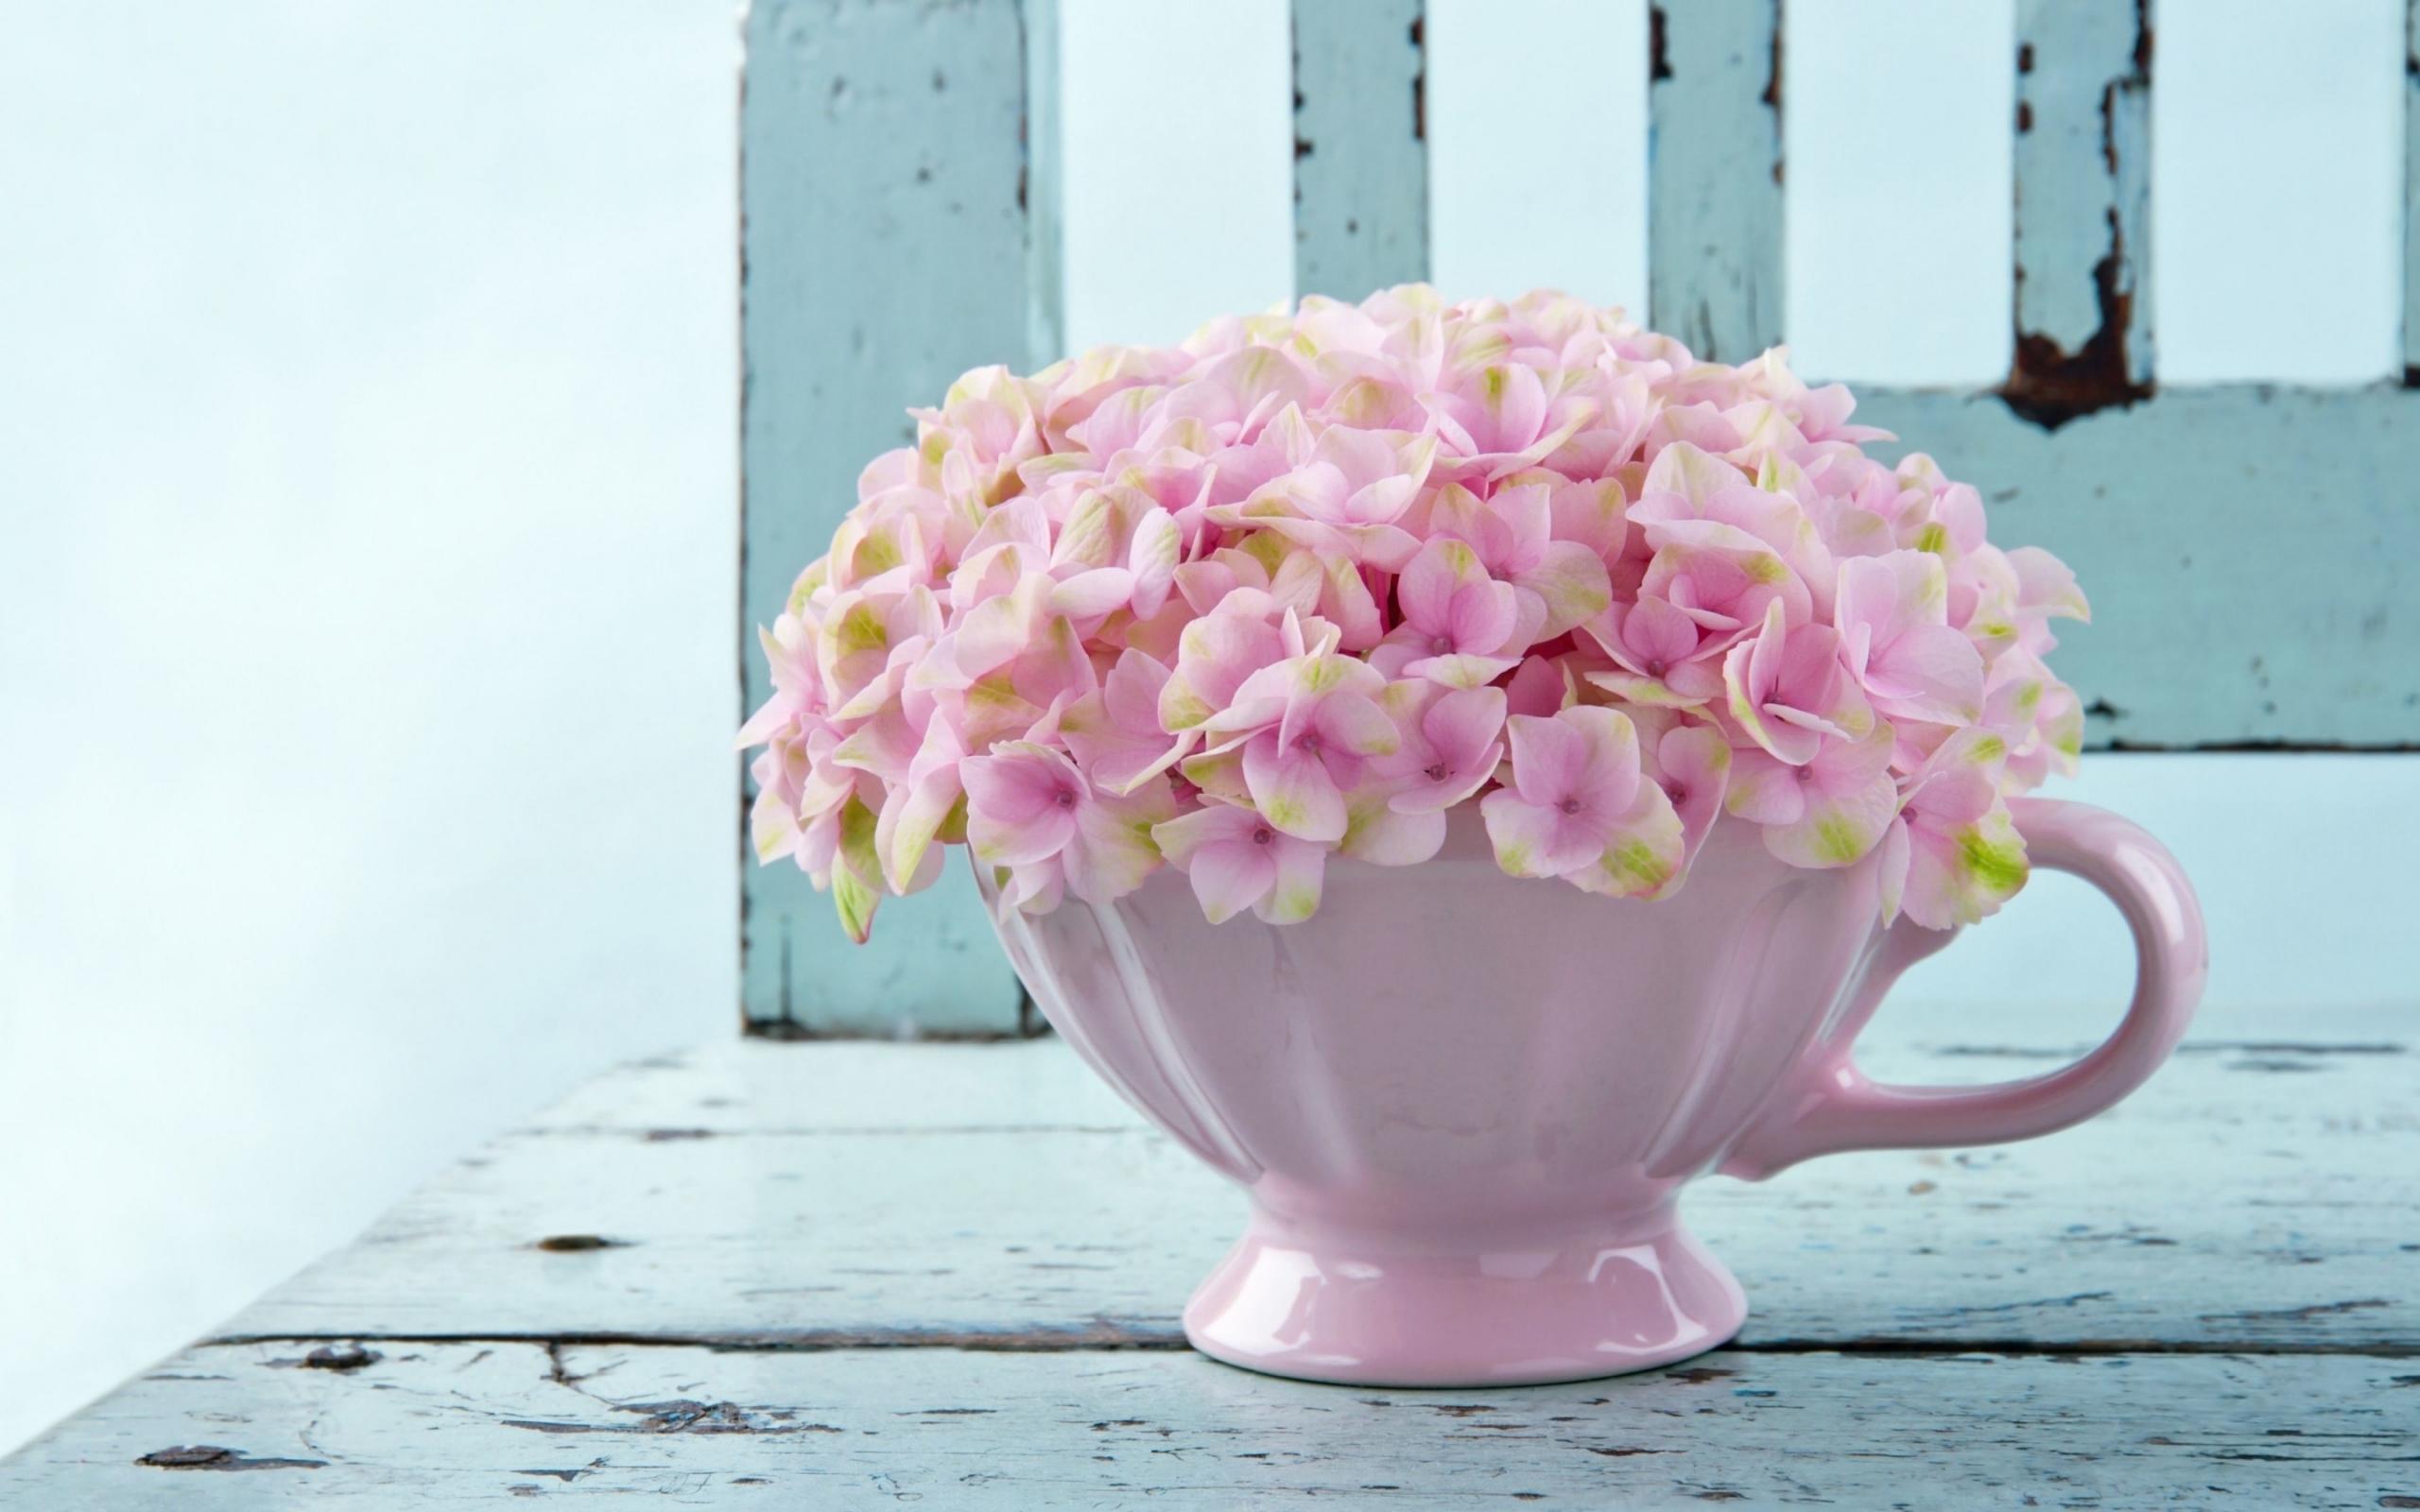 26493 скачать обои Растения, Цветы, Фон, Чашки, Натюрморт - заставки и картинки бесплатно